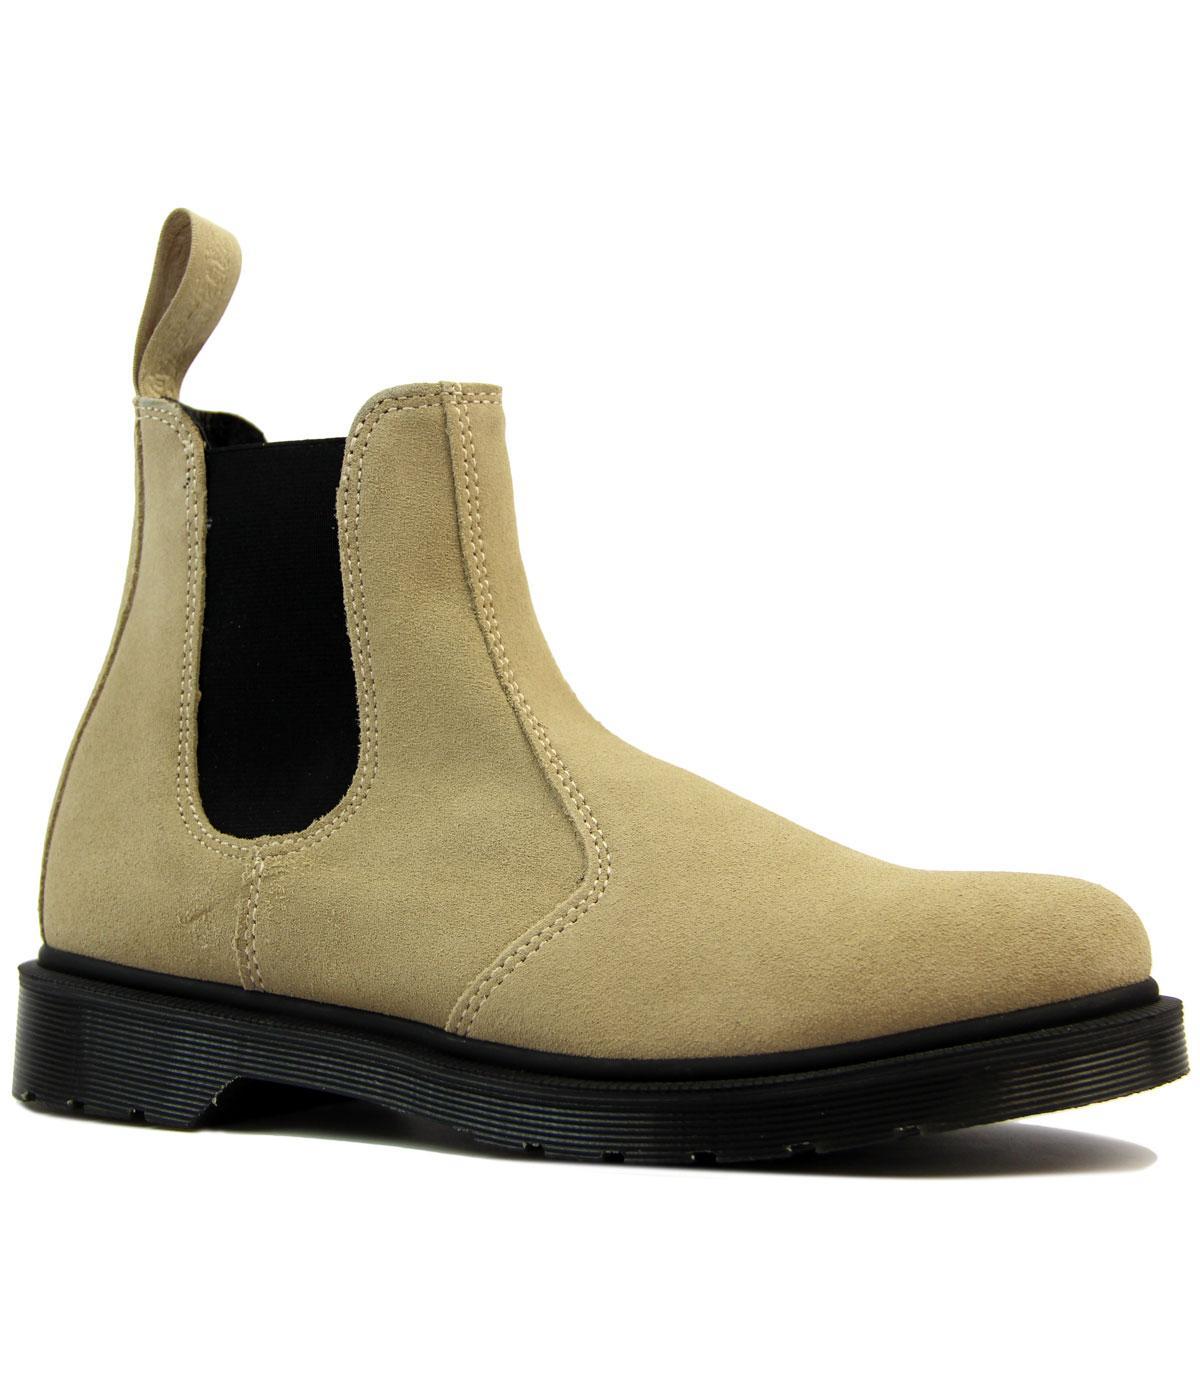 DR MARTENS 2976 Retro Mod Suede WP Chelsea Boots